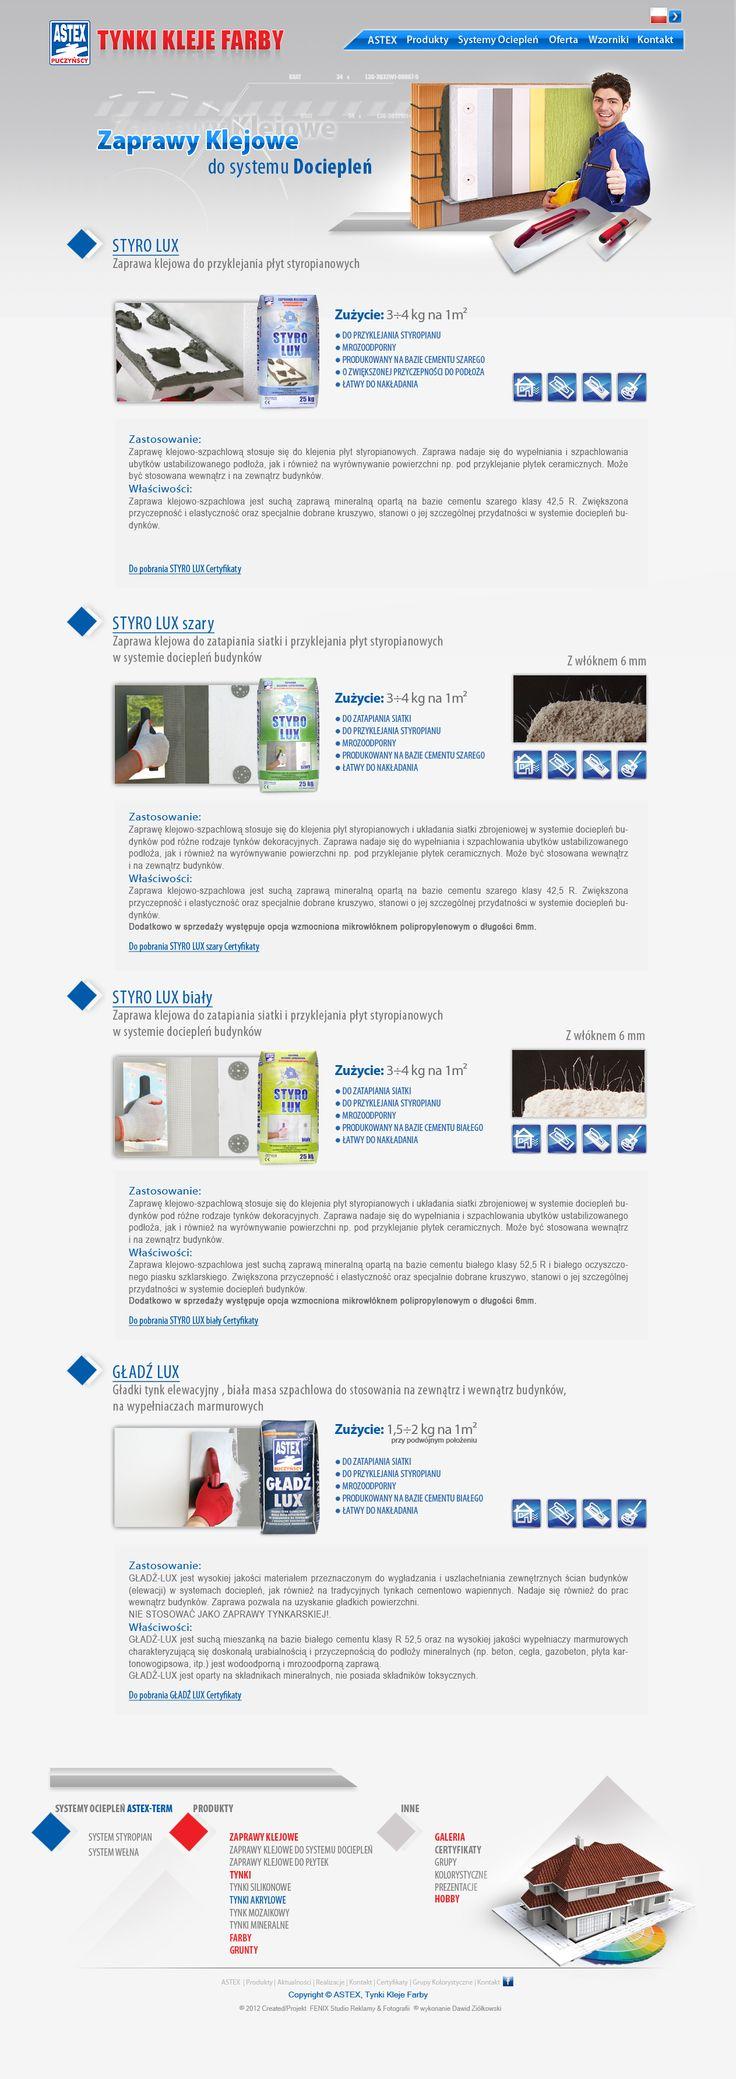 Zaprawy klejowe do systemów dociepleń Astex Puczyńscy. http://www.astex-tynki.pl/produkty/zaprawy-klejowe/do-systemu-ocieplen/